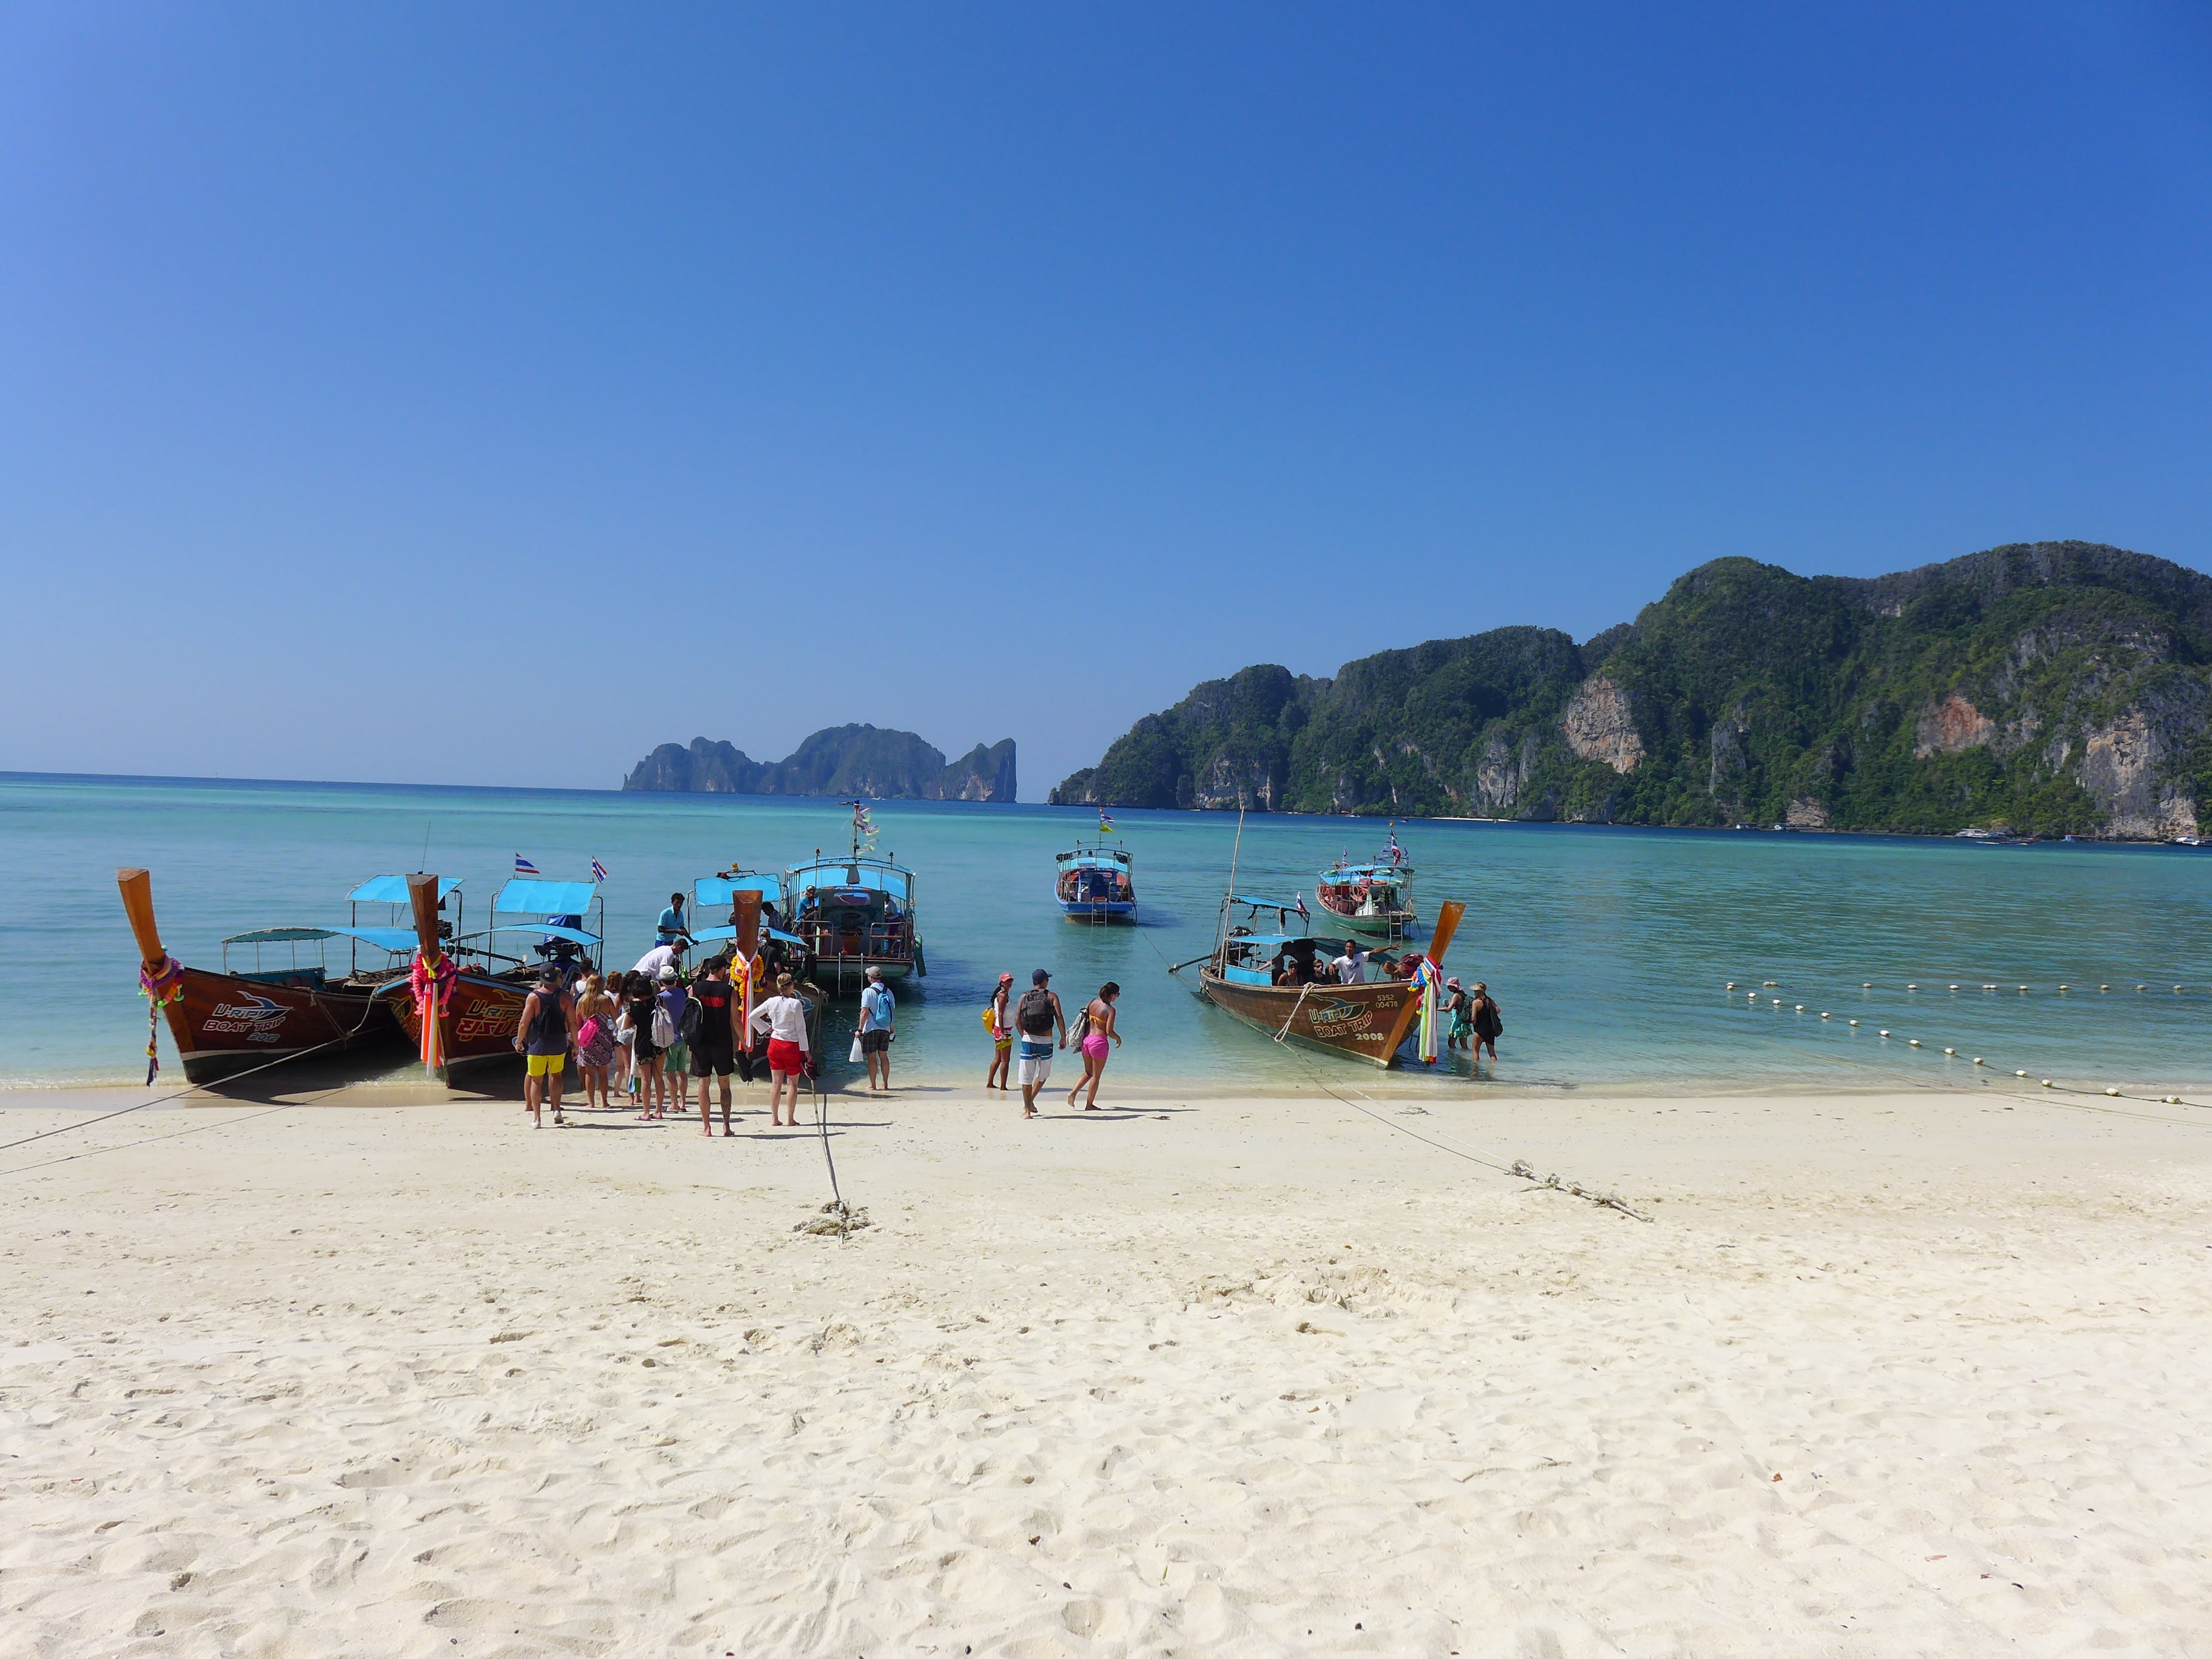 Thailand_boat_beach